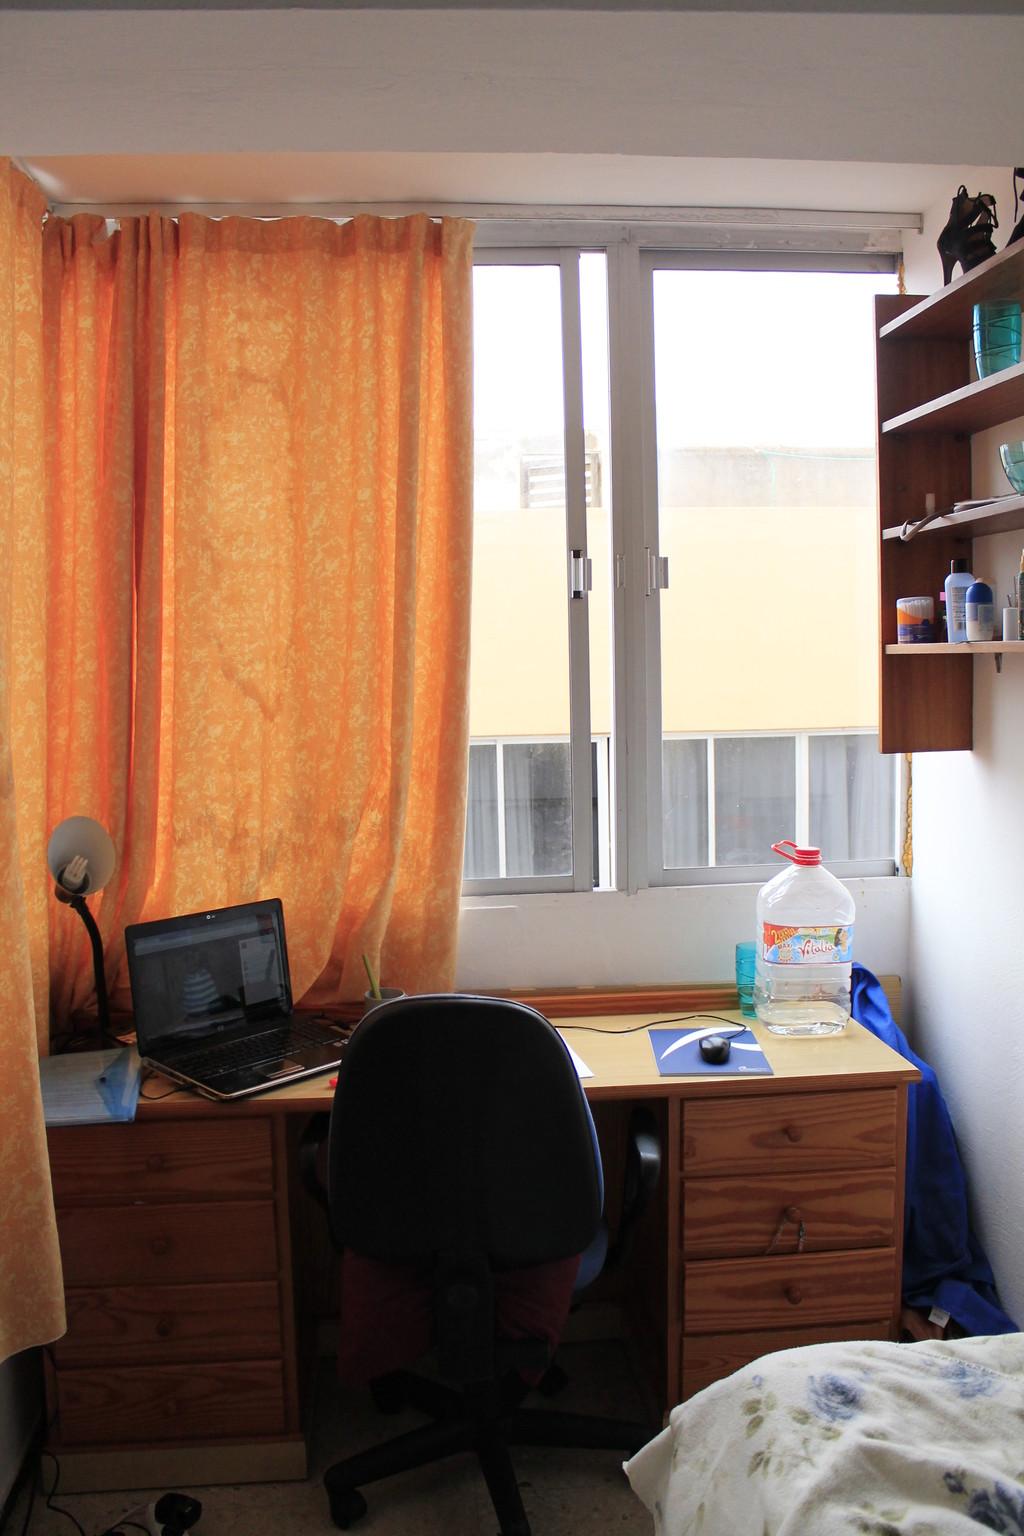 Habitaci n al lado de plaza espa a alquiler habitaciones for Alquiler habitacion plaza espana madrid